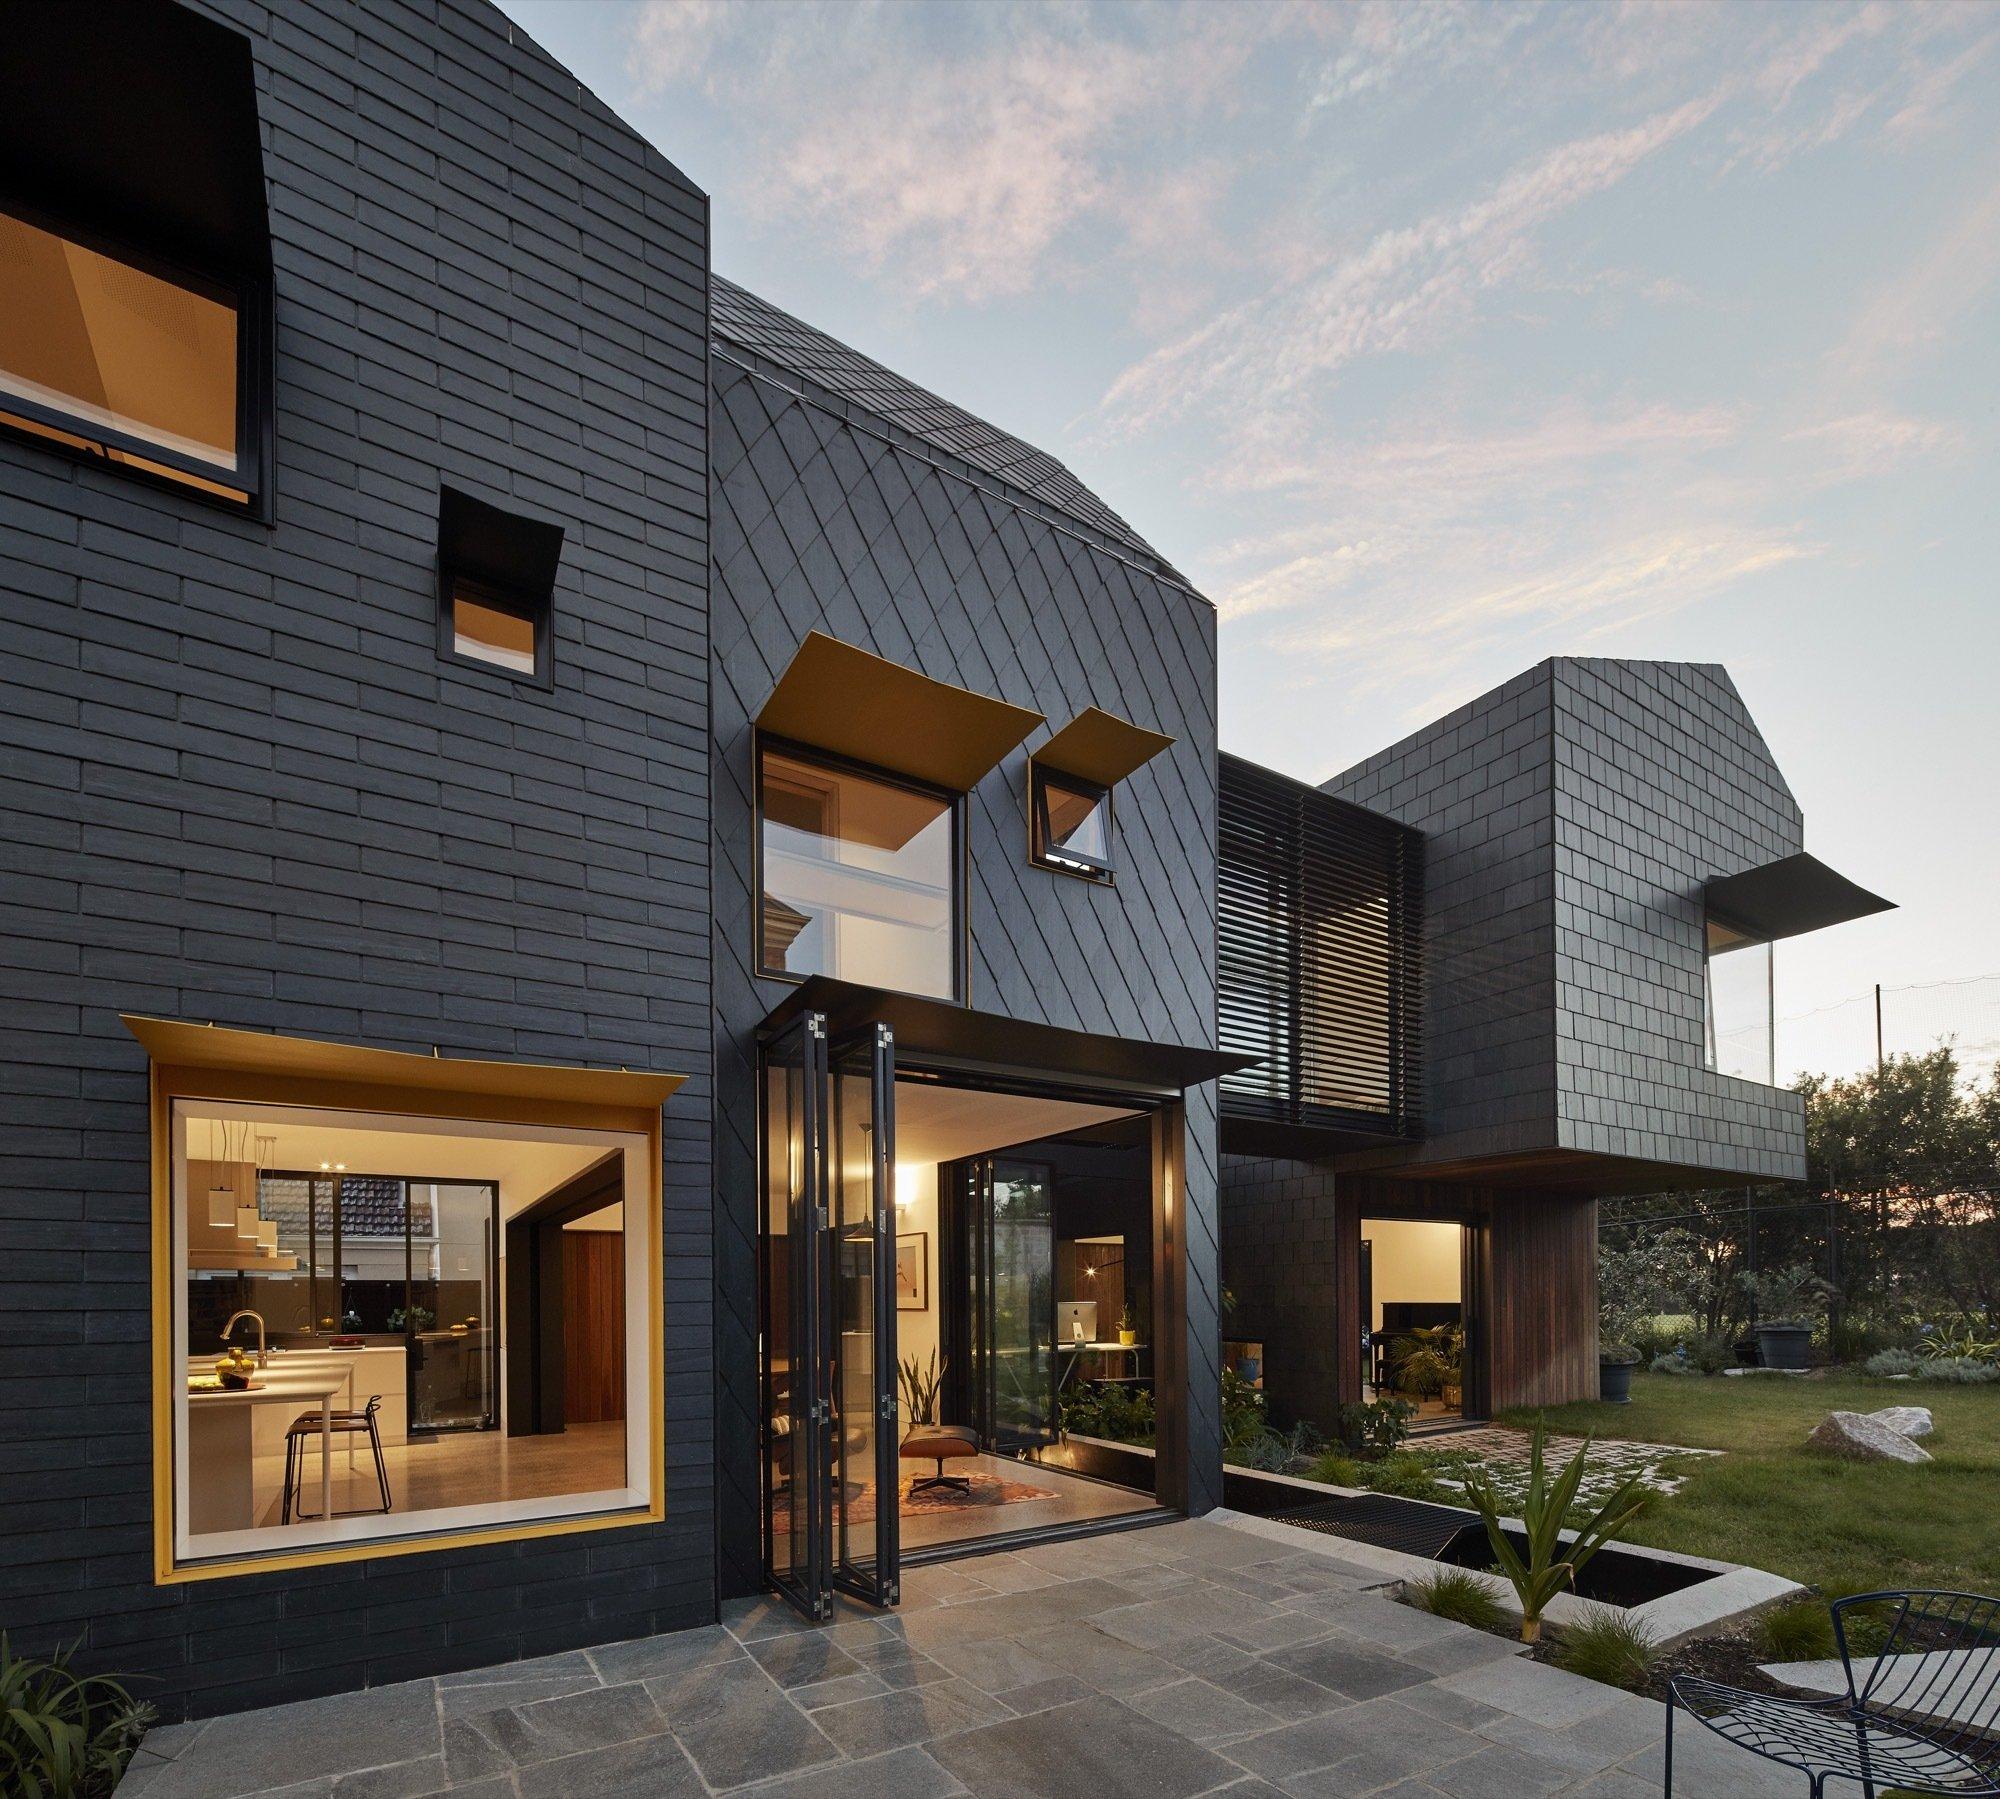 молодая брюнетка современный дизайн фасадов частных домов фото этой статье размещены